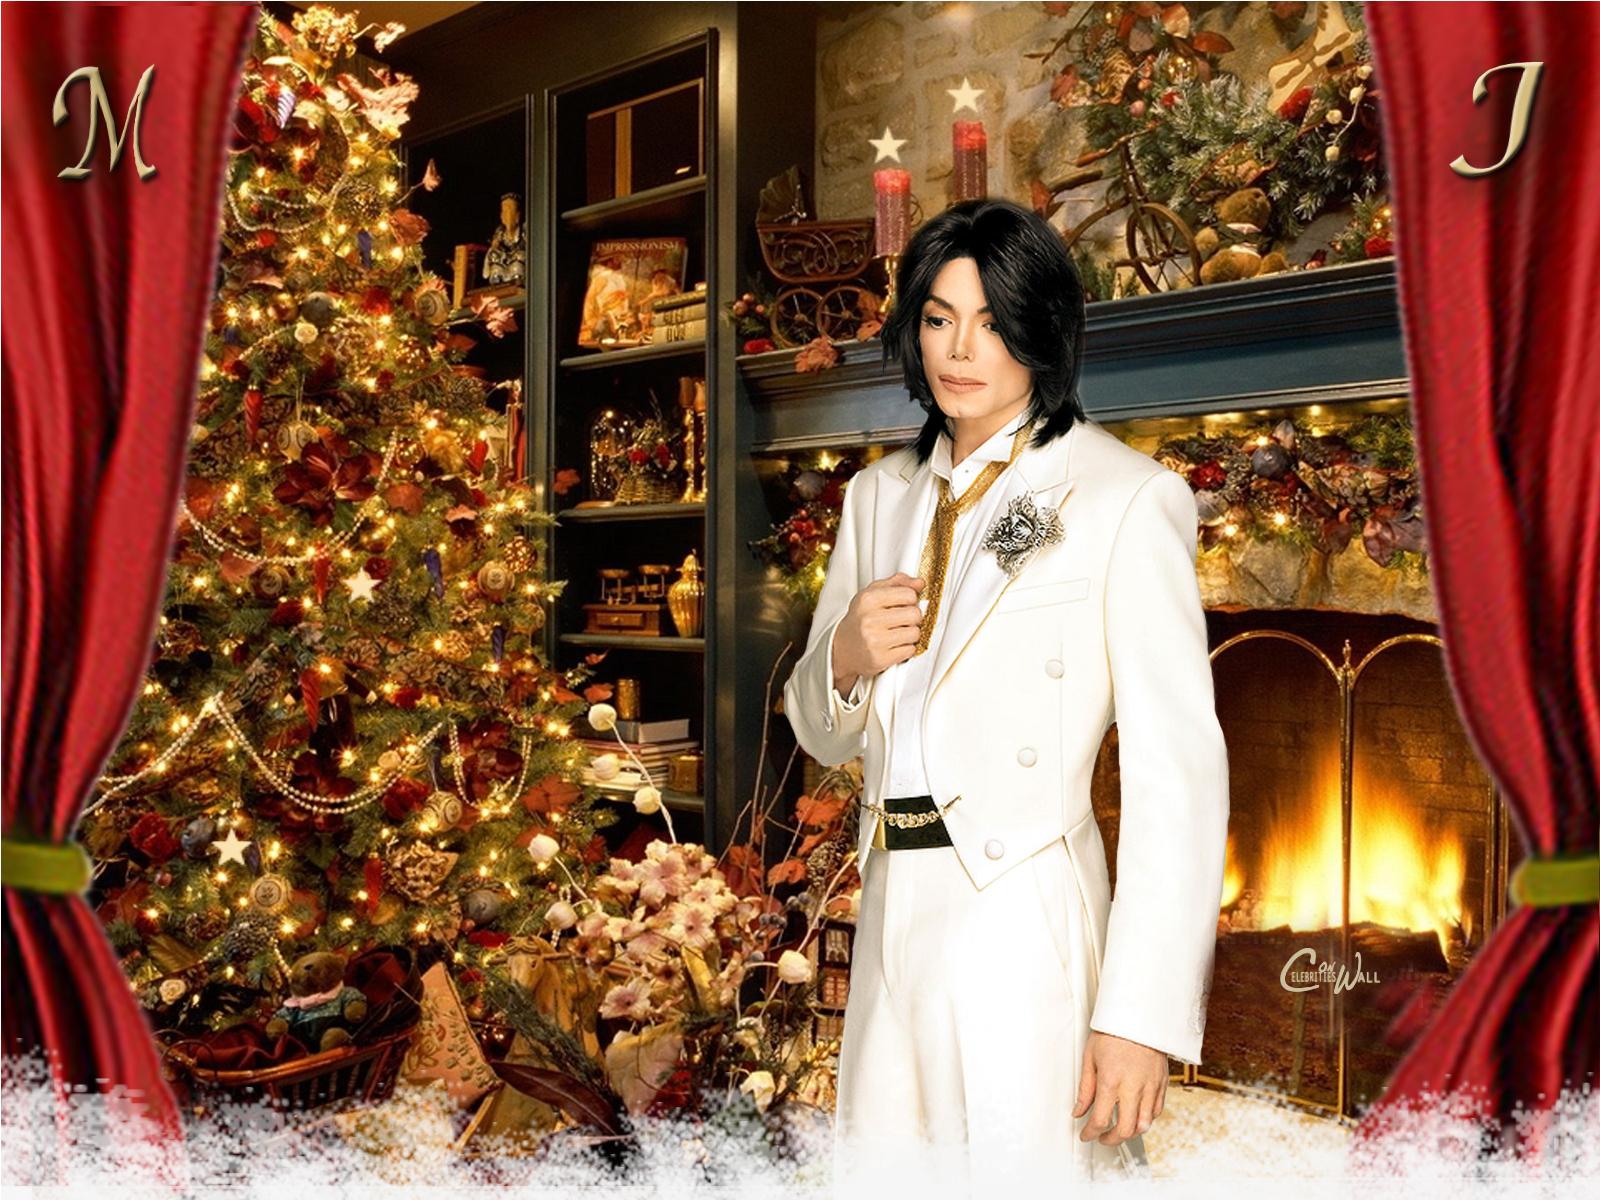 MichaelJackson on Christmas